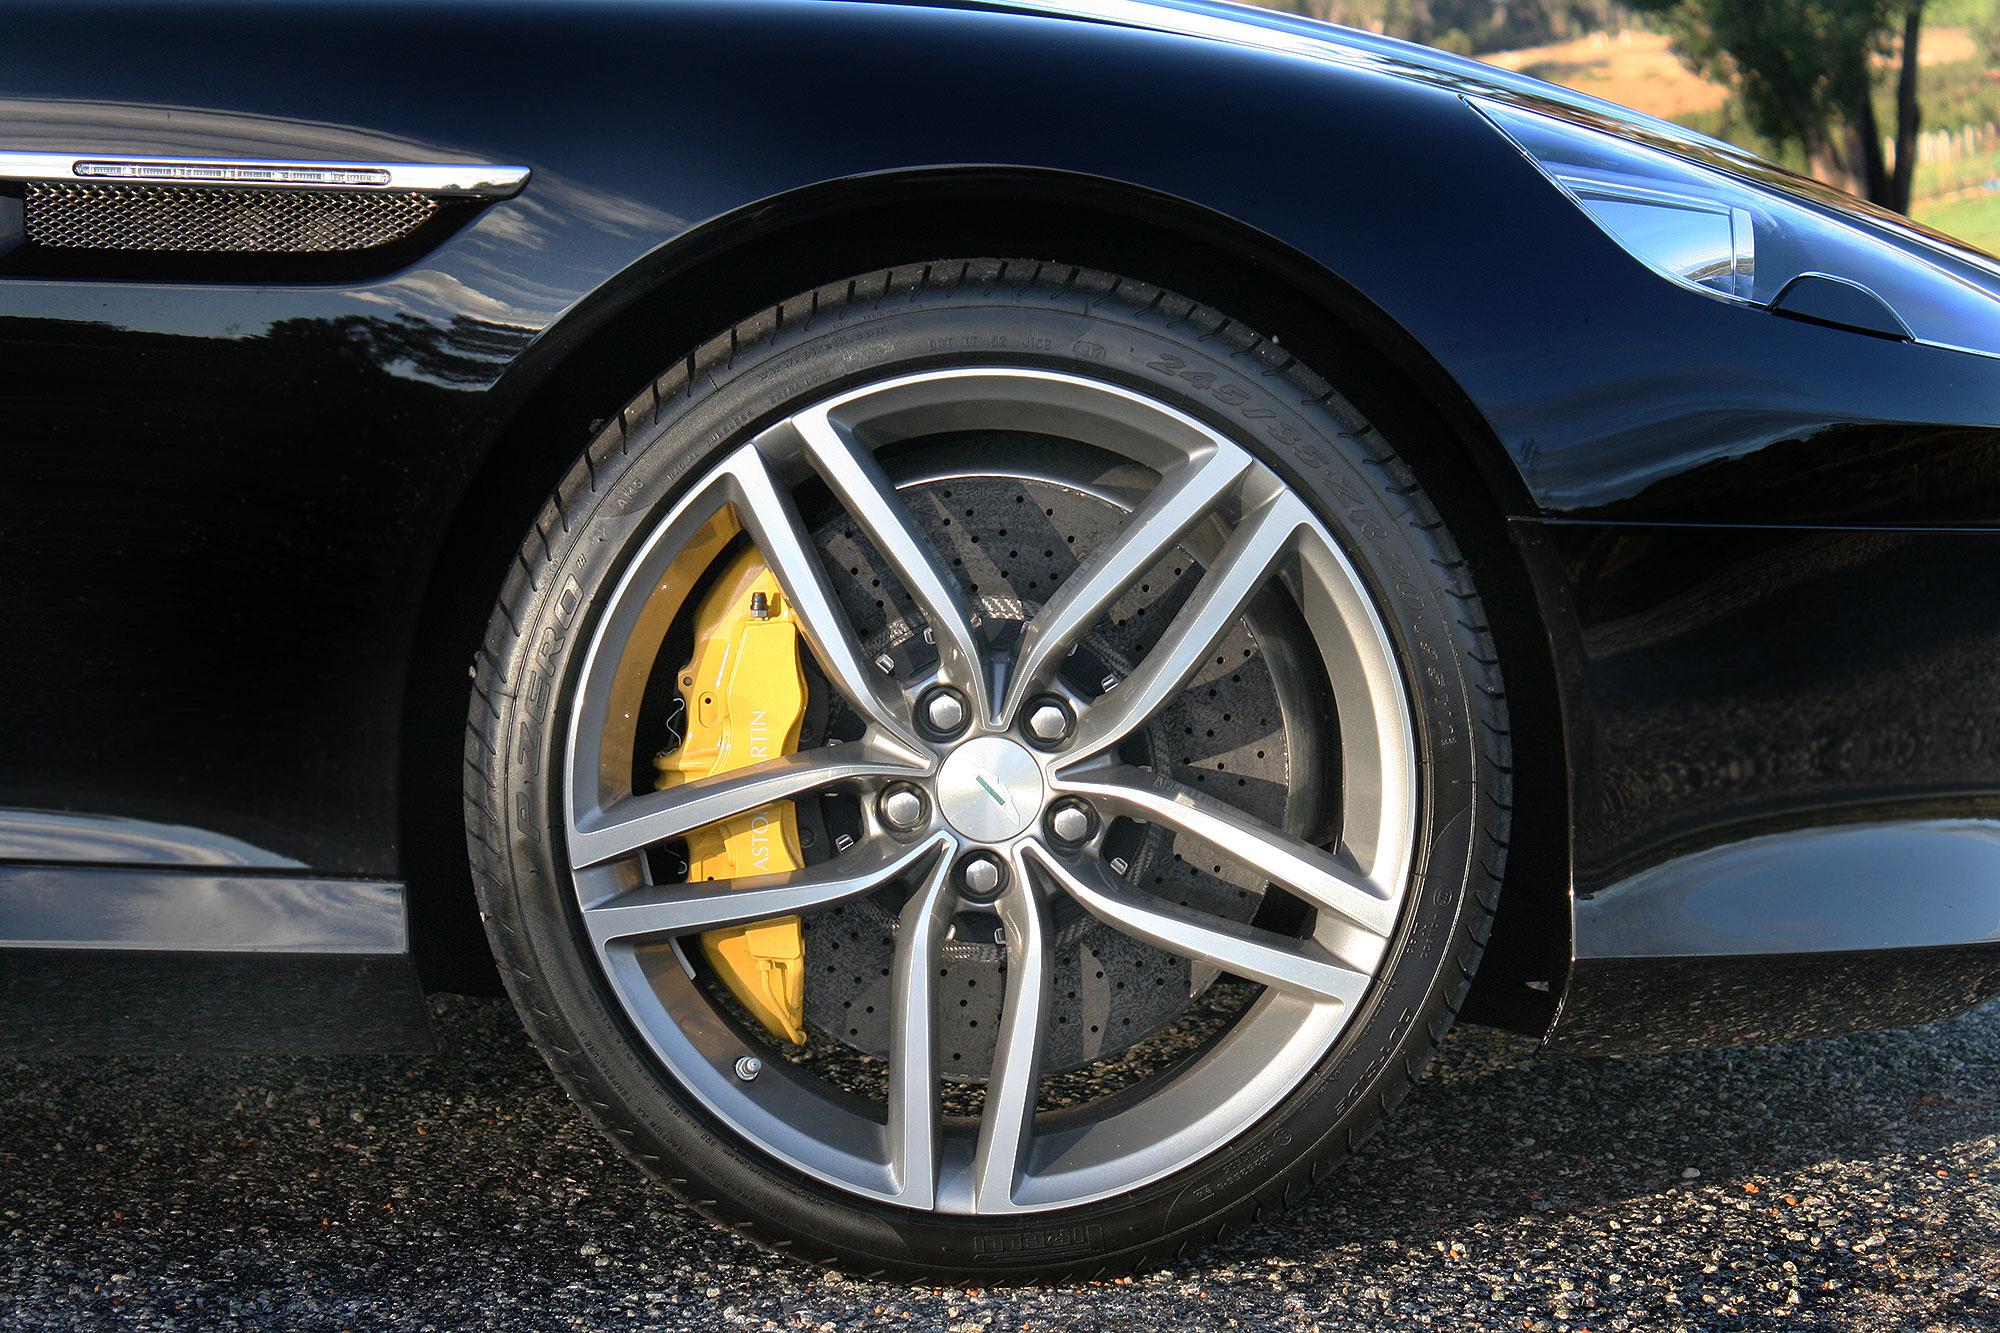 2013_aston_martin_db9_australian_road_test_review_karl_peskett_jan_glovac_14